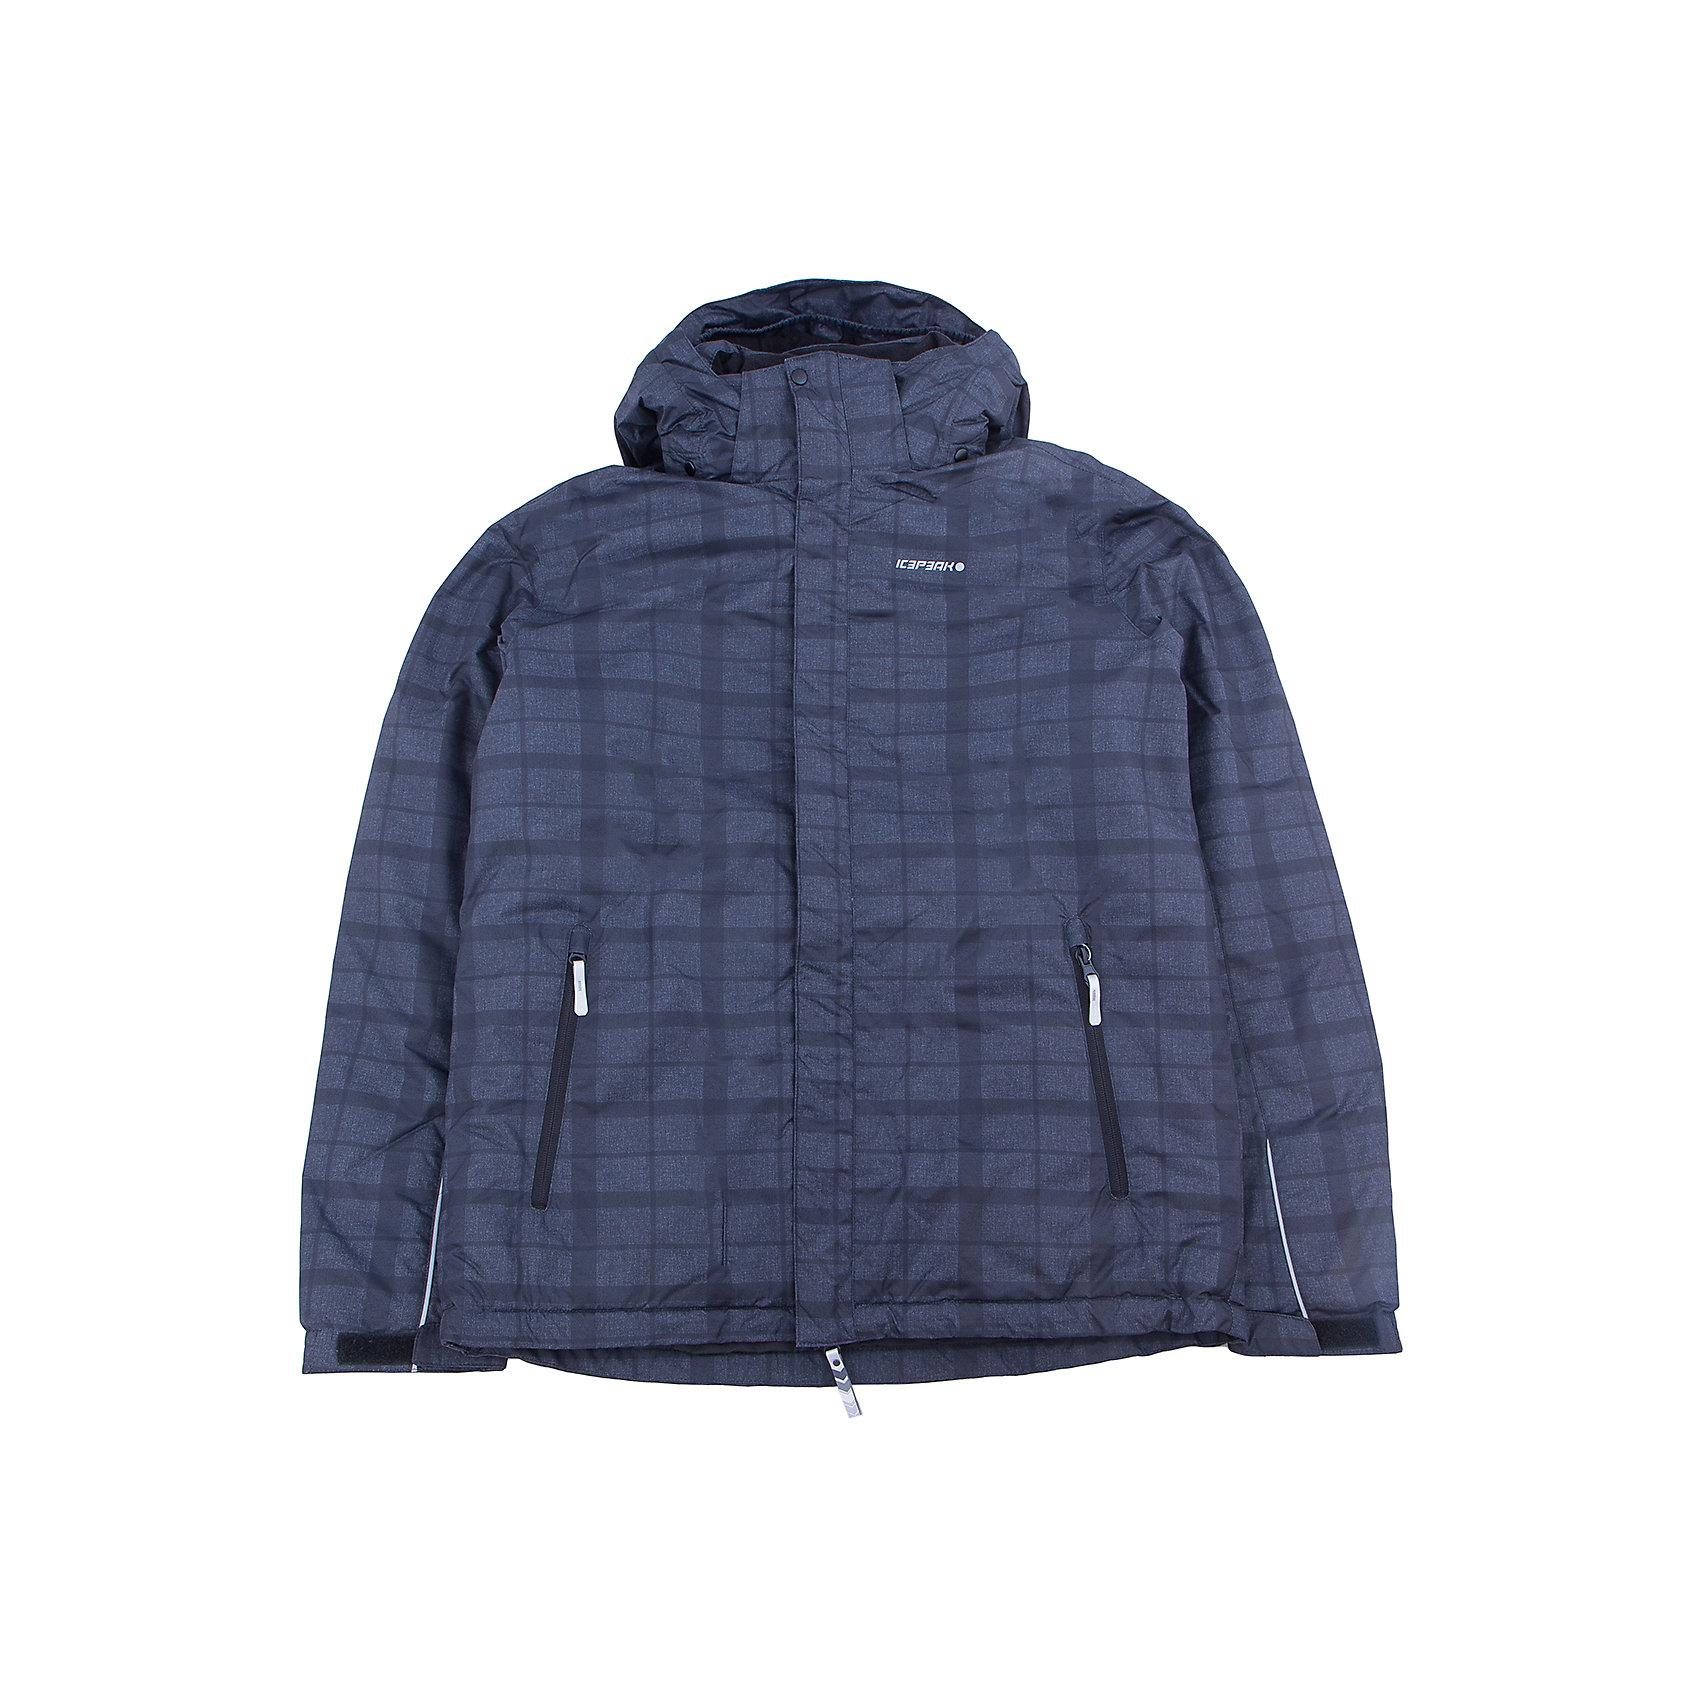 Куртка для мальчика ICEPEAKОдежда<br>Куртка для мальчика от известного бренда ICEPEAK.<br>Куртка с отстегивающимся капюшоном,молния закрыта планкой, сформированный локоть, утяжка в нижней части куртки, внутренний трикотажный манжет на рукаве, утепленные и мягкие боковые карманы на молнии, мягкий и теплый внутренний воротник,светоотражающие элементы, искусственный утеплитель Finnwad, утепление 180/160 гр., рекомендуемый температурный режим до -25 град.,Icemax 5000/2000, Children's safety, Reflectors<br>Состав:<br>100% полиэстер<br><br>Ширина мм: 356<br>Глубина мм: 10<br>Высота мм: 245<br>Вес г: 519<br>Цвет: синий<br>Возраст от месяцев: 180<br>Возраст до месяцев: 192<br>Пол: Мужской<br>Возраст: Детский<br>Размер: 176<br>SKU: 5413896